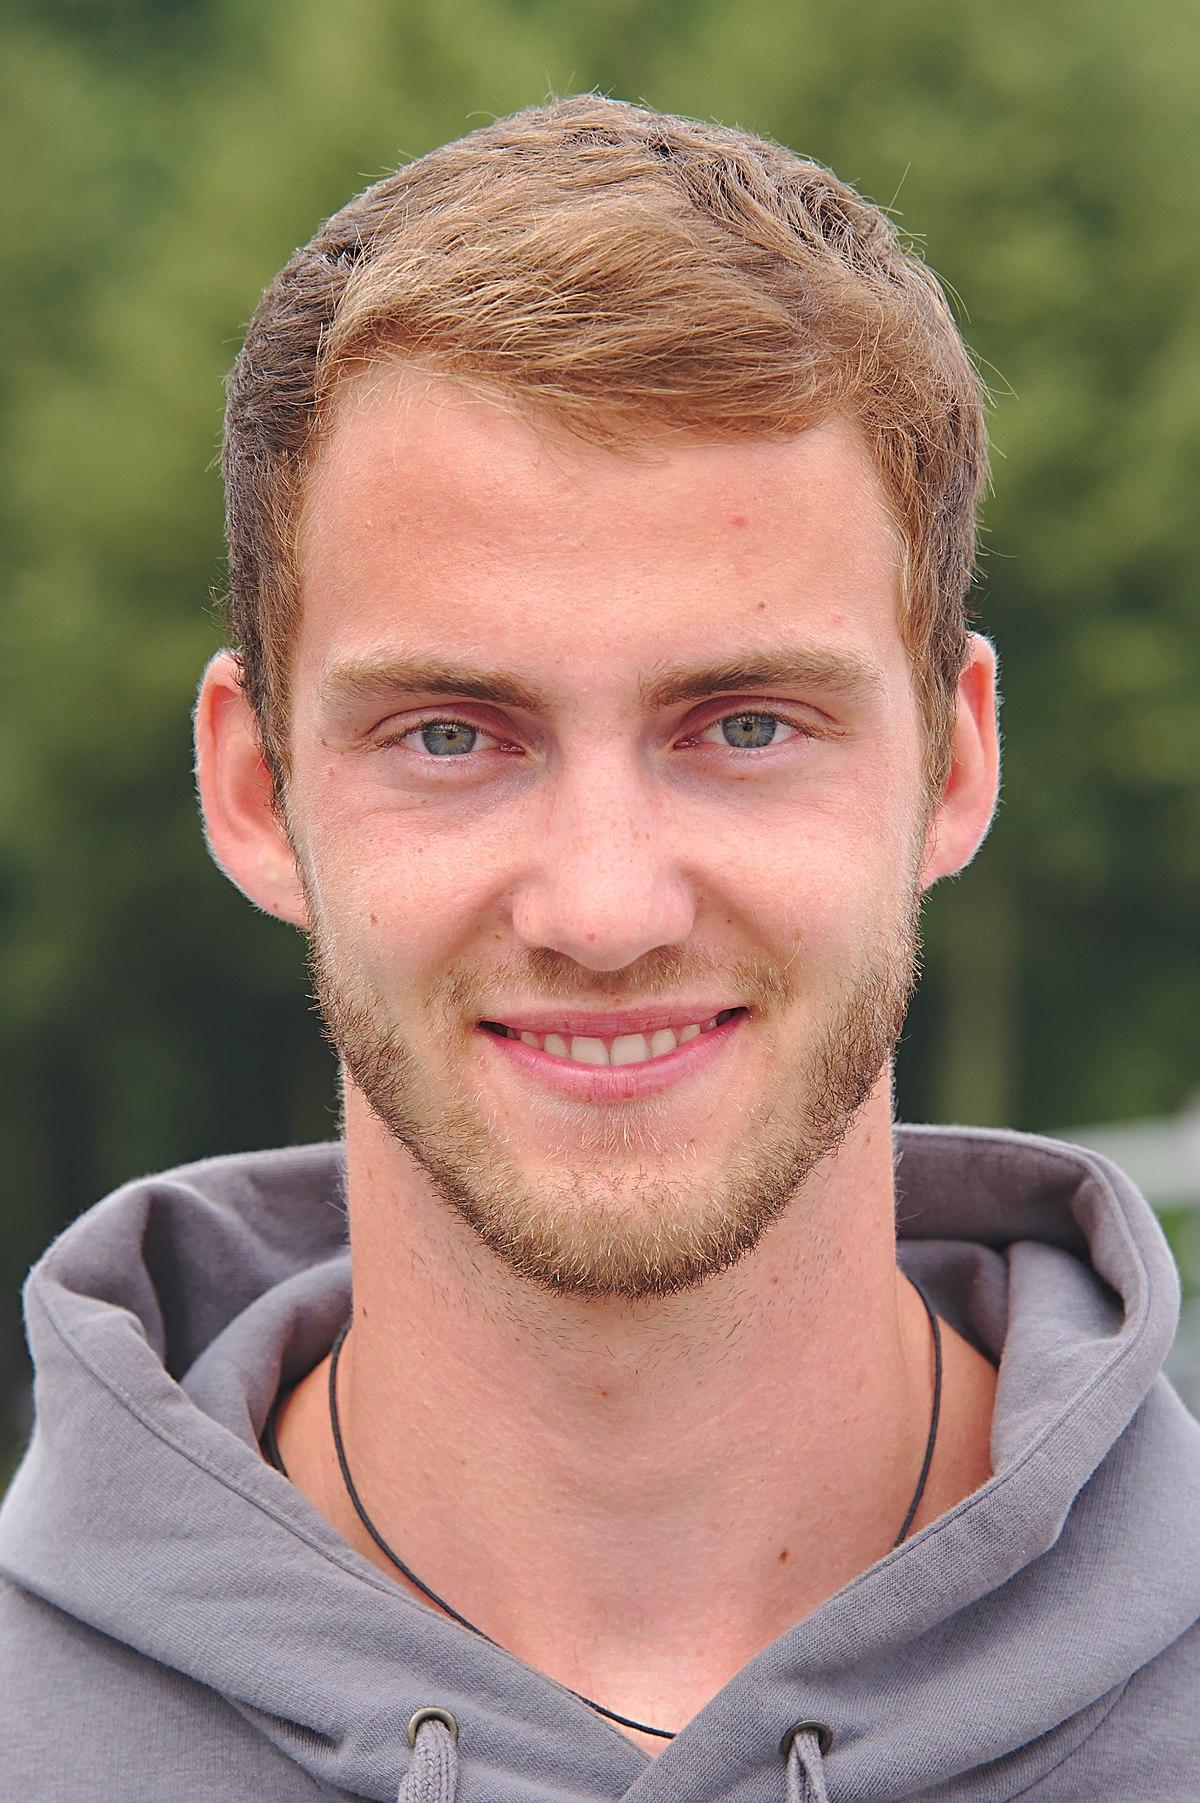 Clemens Wickler